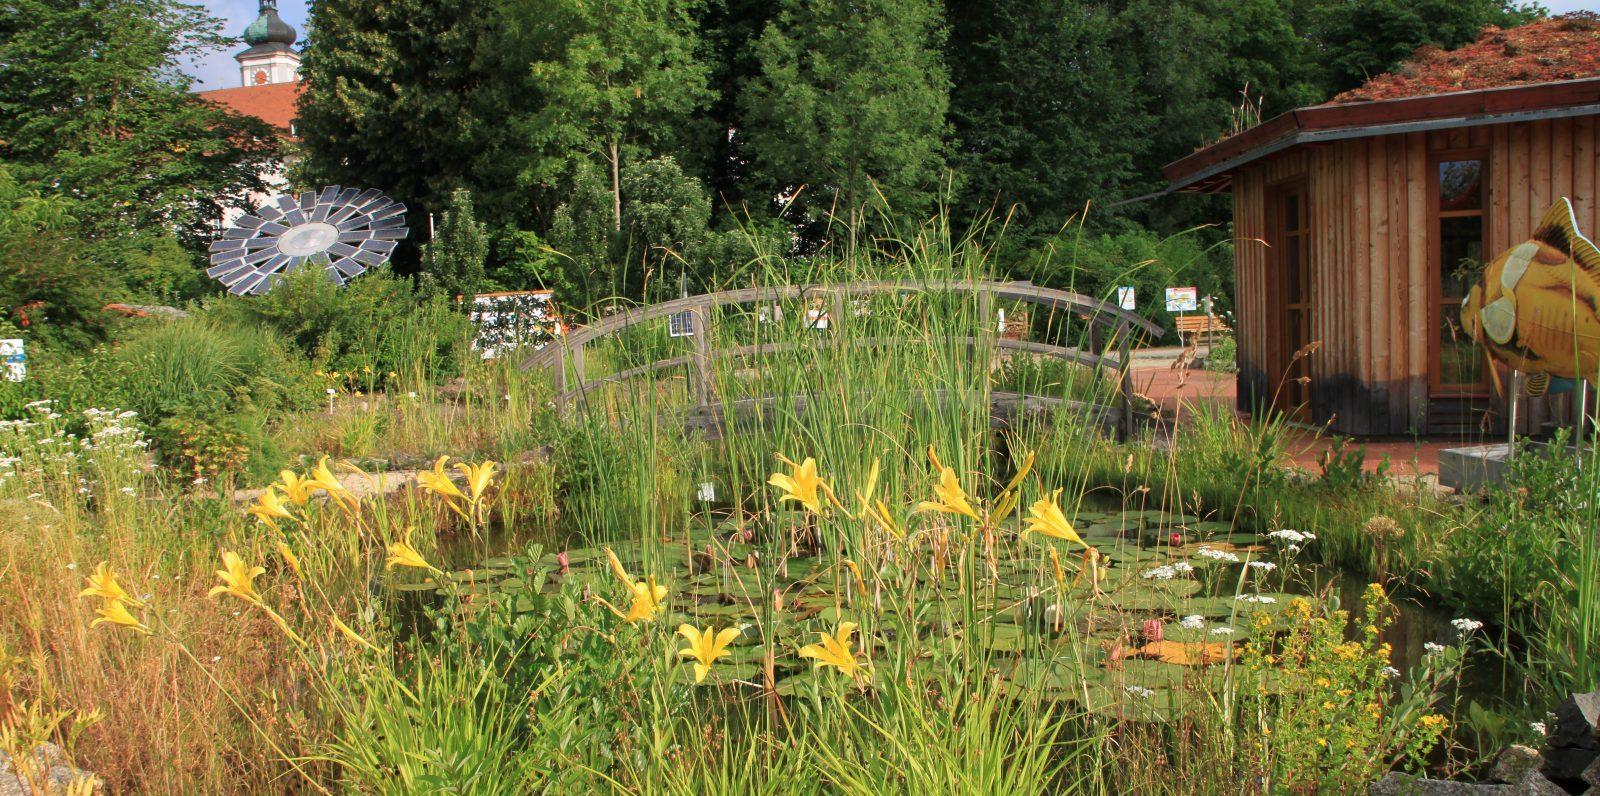 Garten des Kultur und Begegnungszentrums Abtei Waldsassen | Kondrauer Mineral- und Heilbrunnen